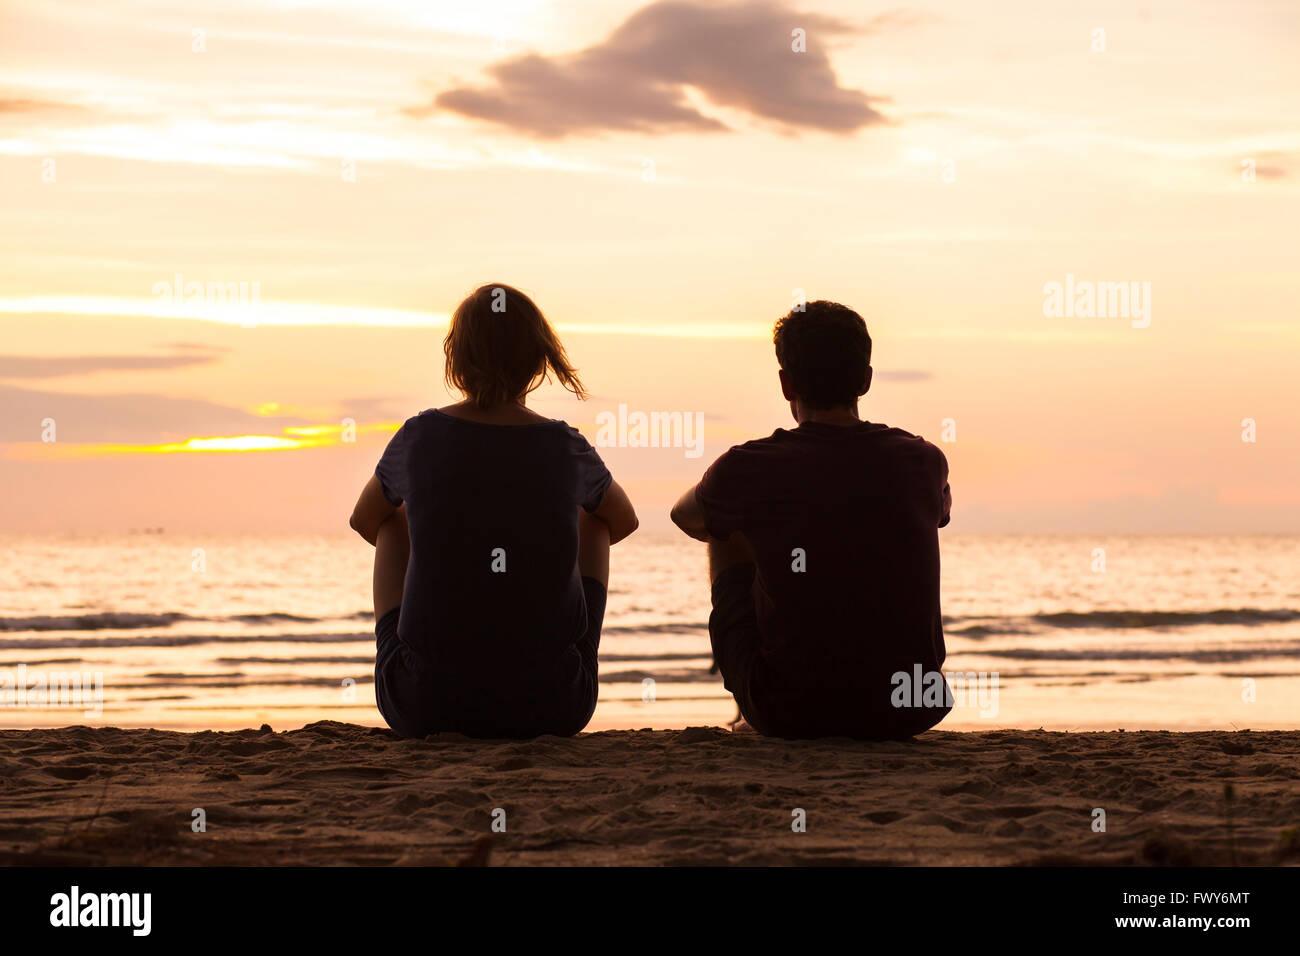 Amici seduti insieme sulla spiaggia e guardare il tramonto, il concetto di amicizia Immagini Stock